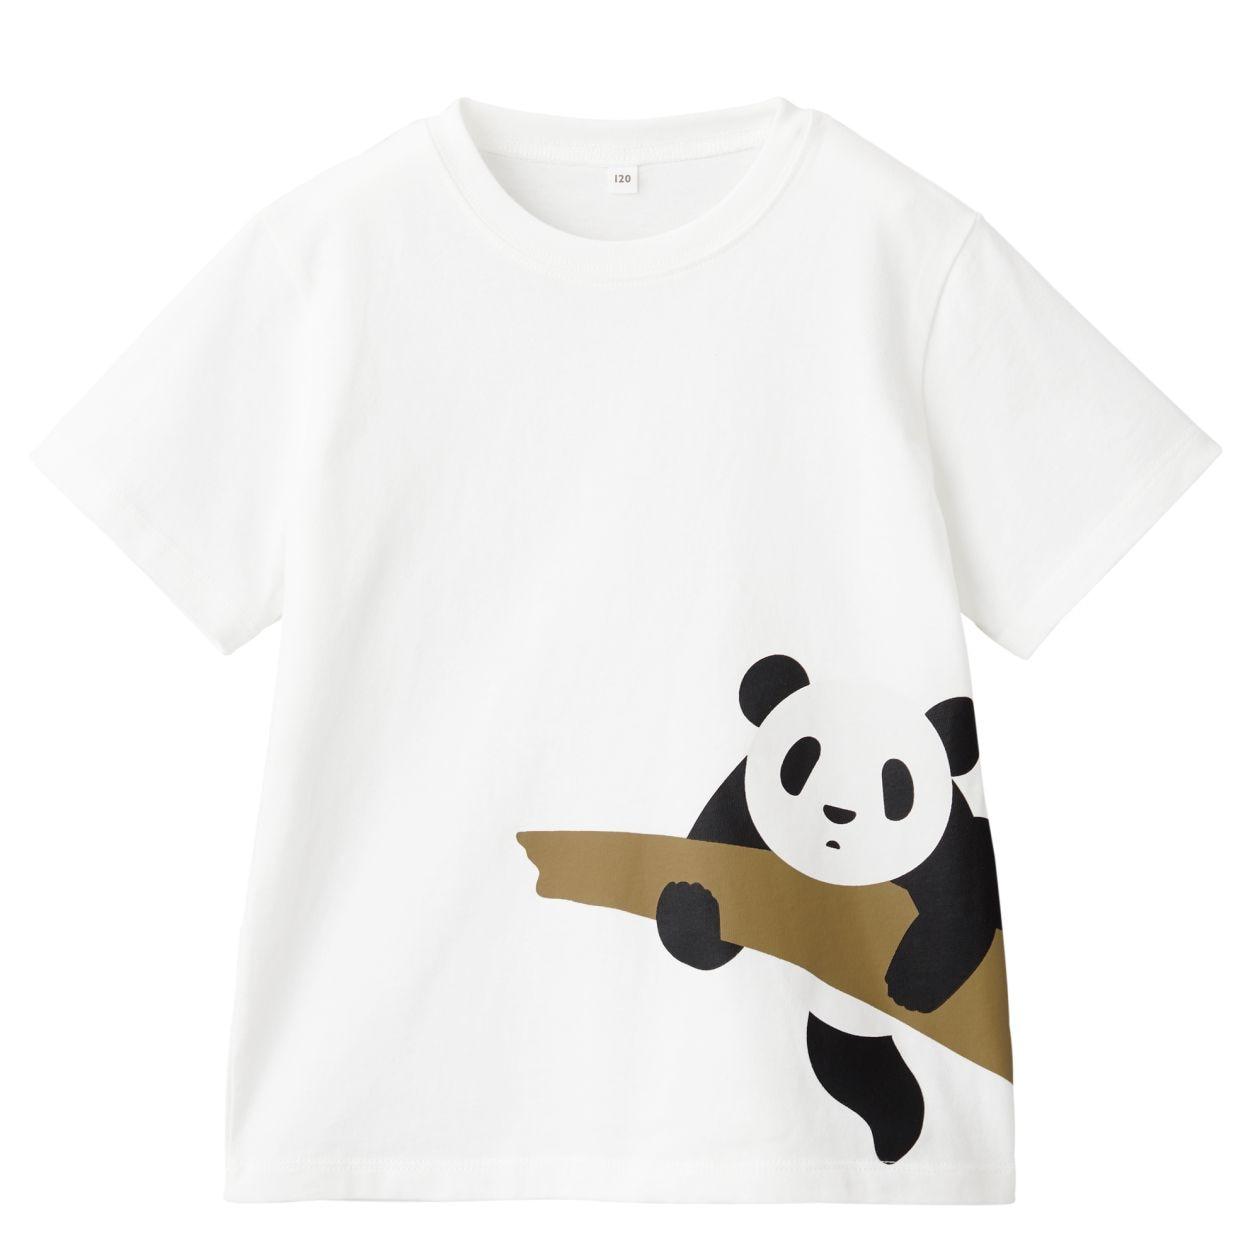 インド綿天竺編みプリントTシャツ(キッズ)